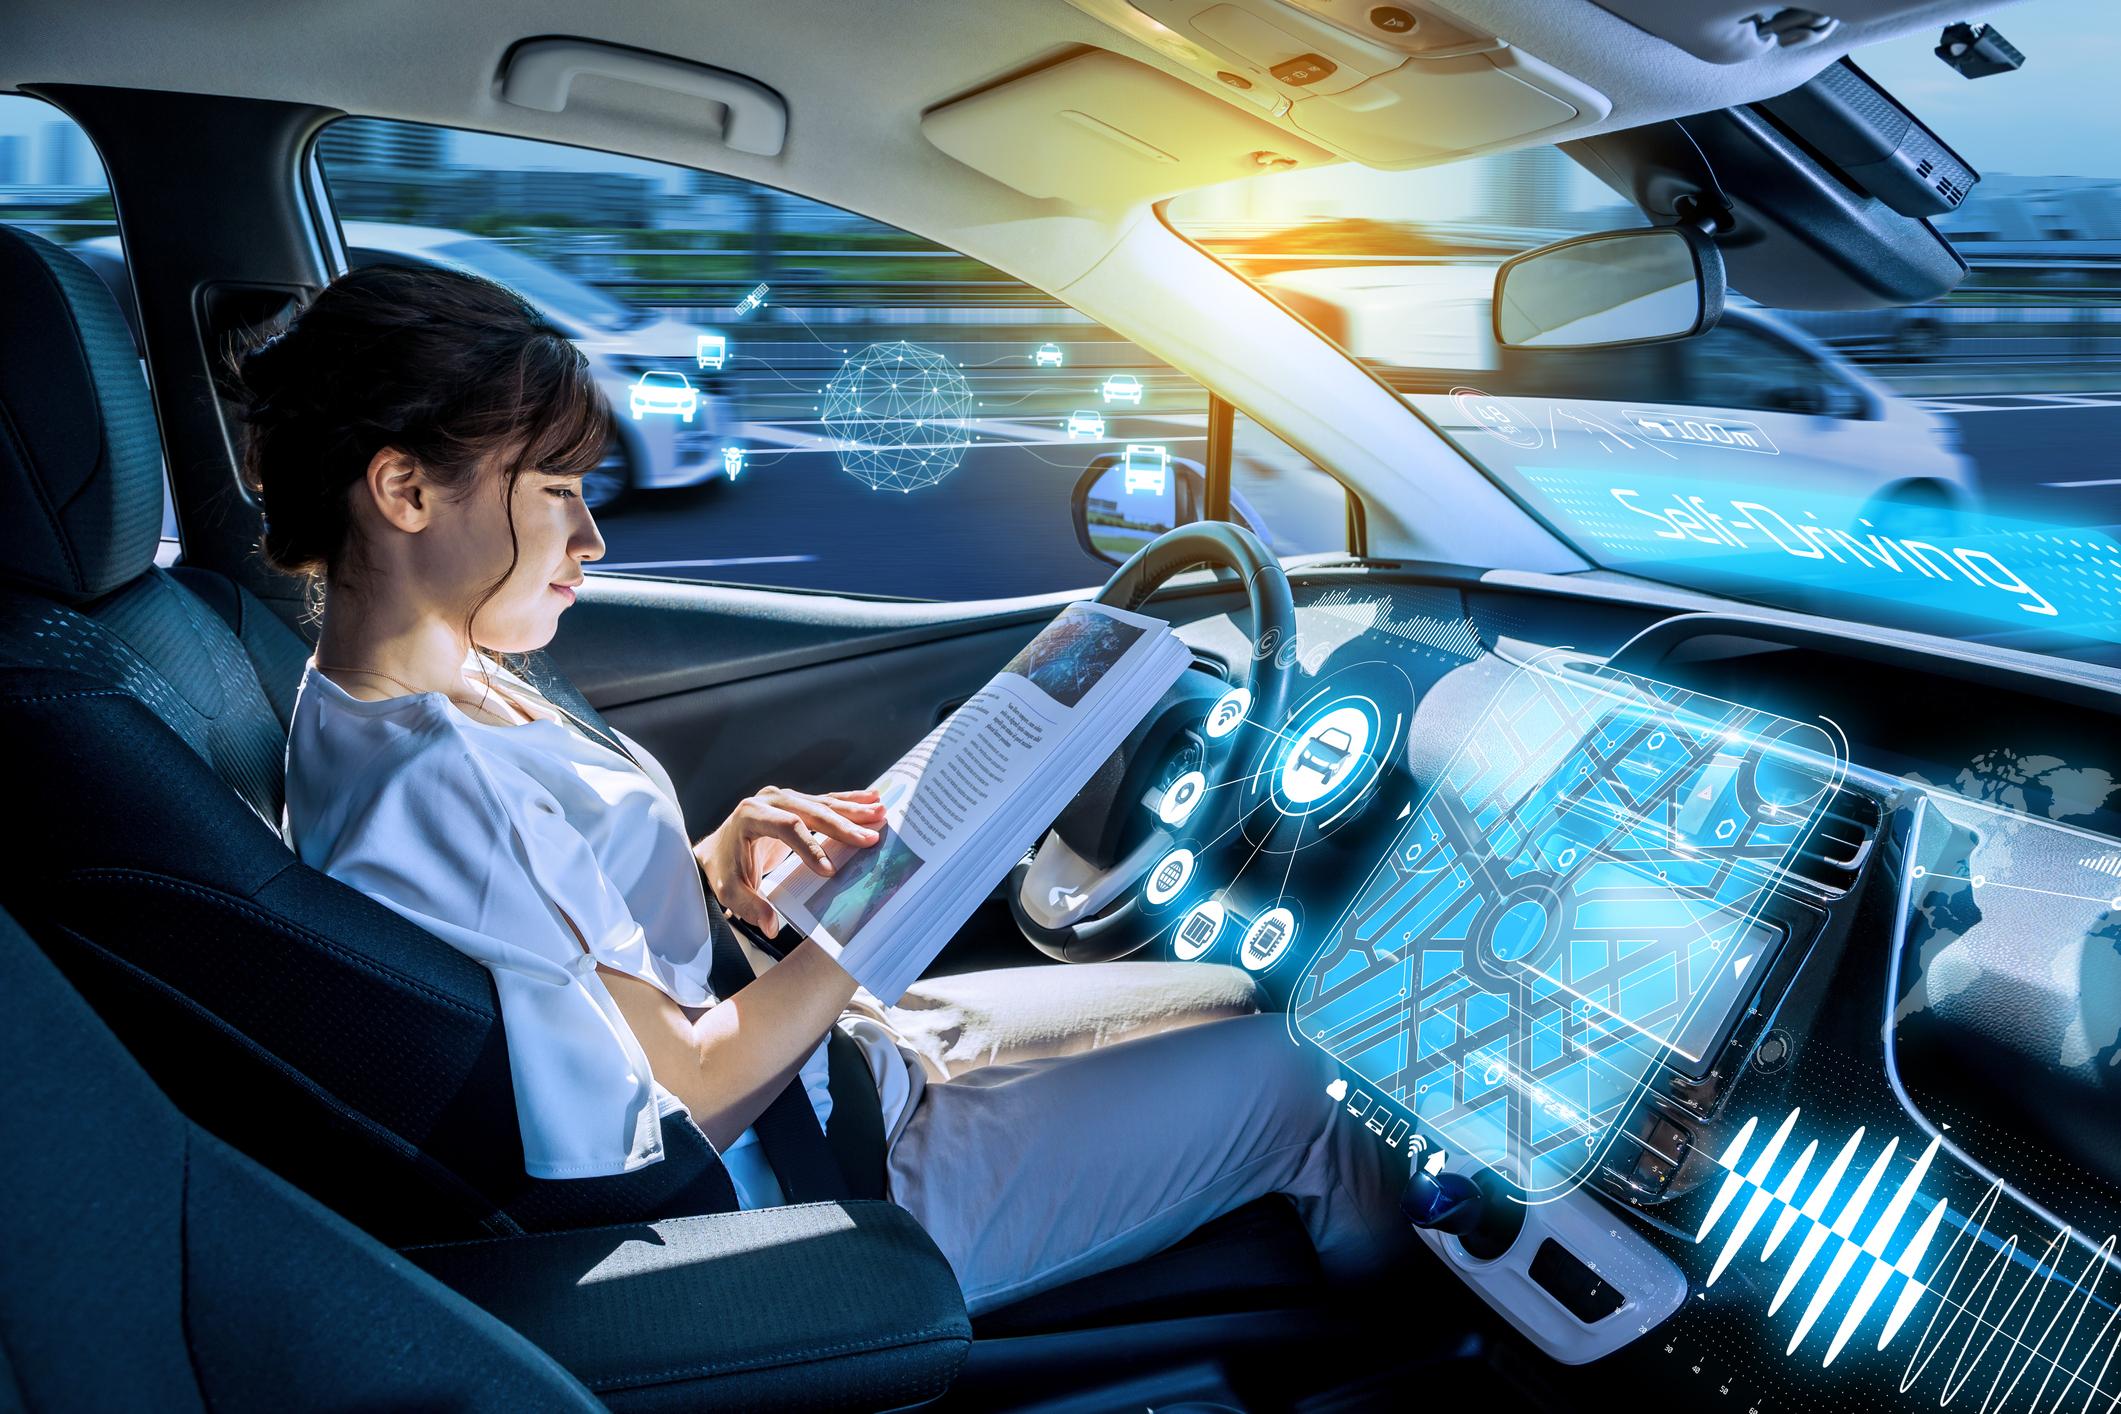 A woman reads a book in a driverless car.